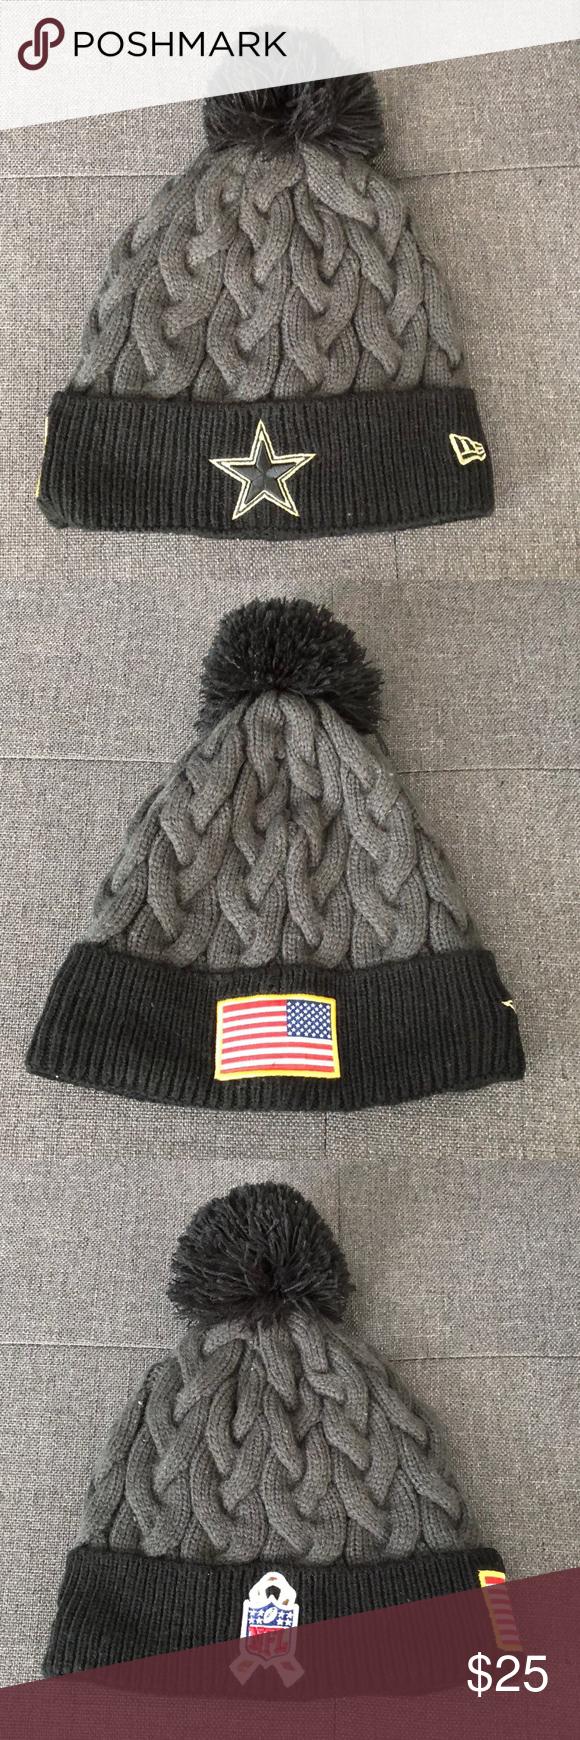 brand new 96003 8645f New Era Dallas Cowboys winter hat